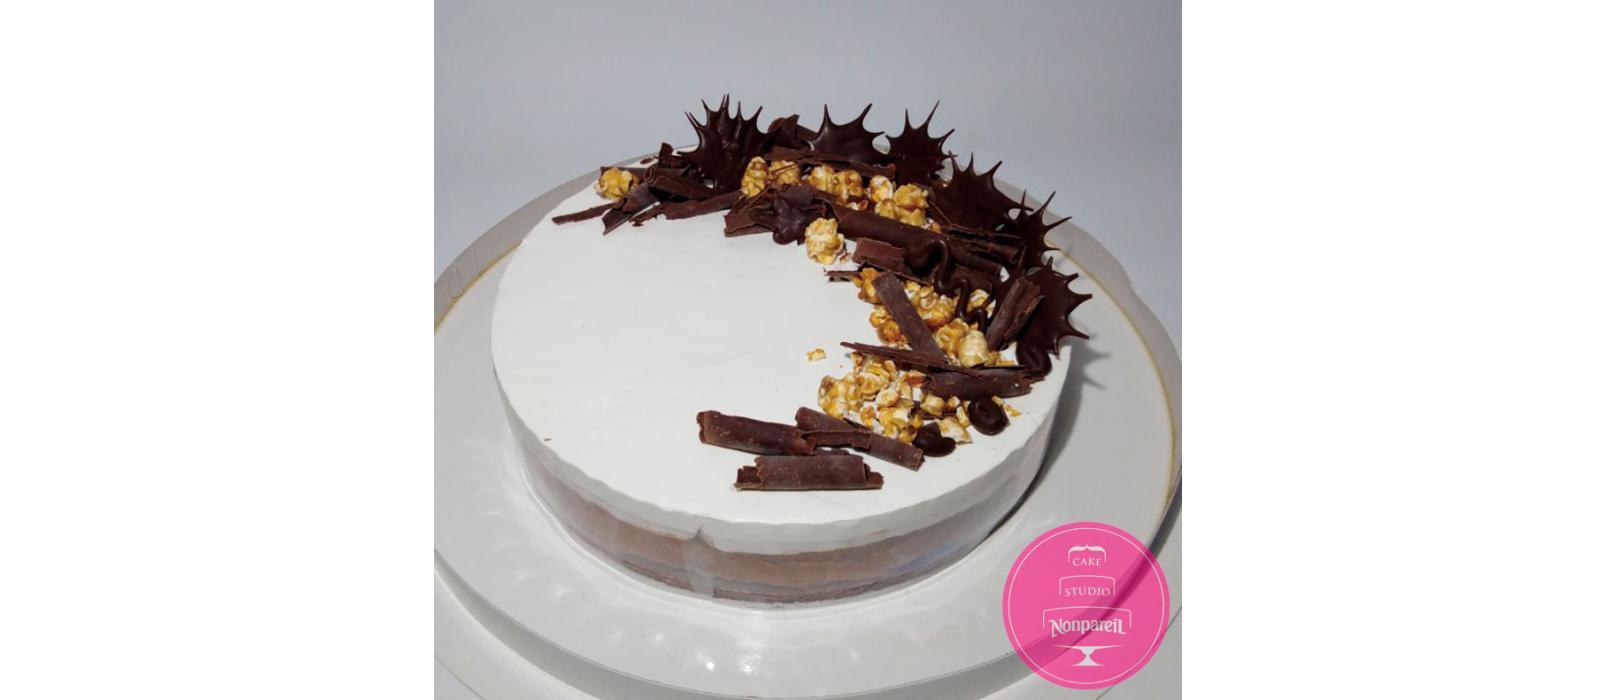 Чизкейк Ванильно-шоколадный рай